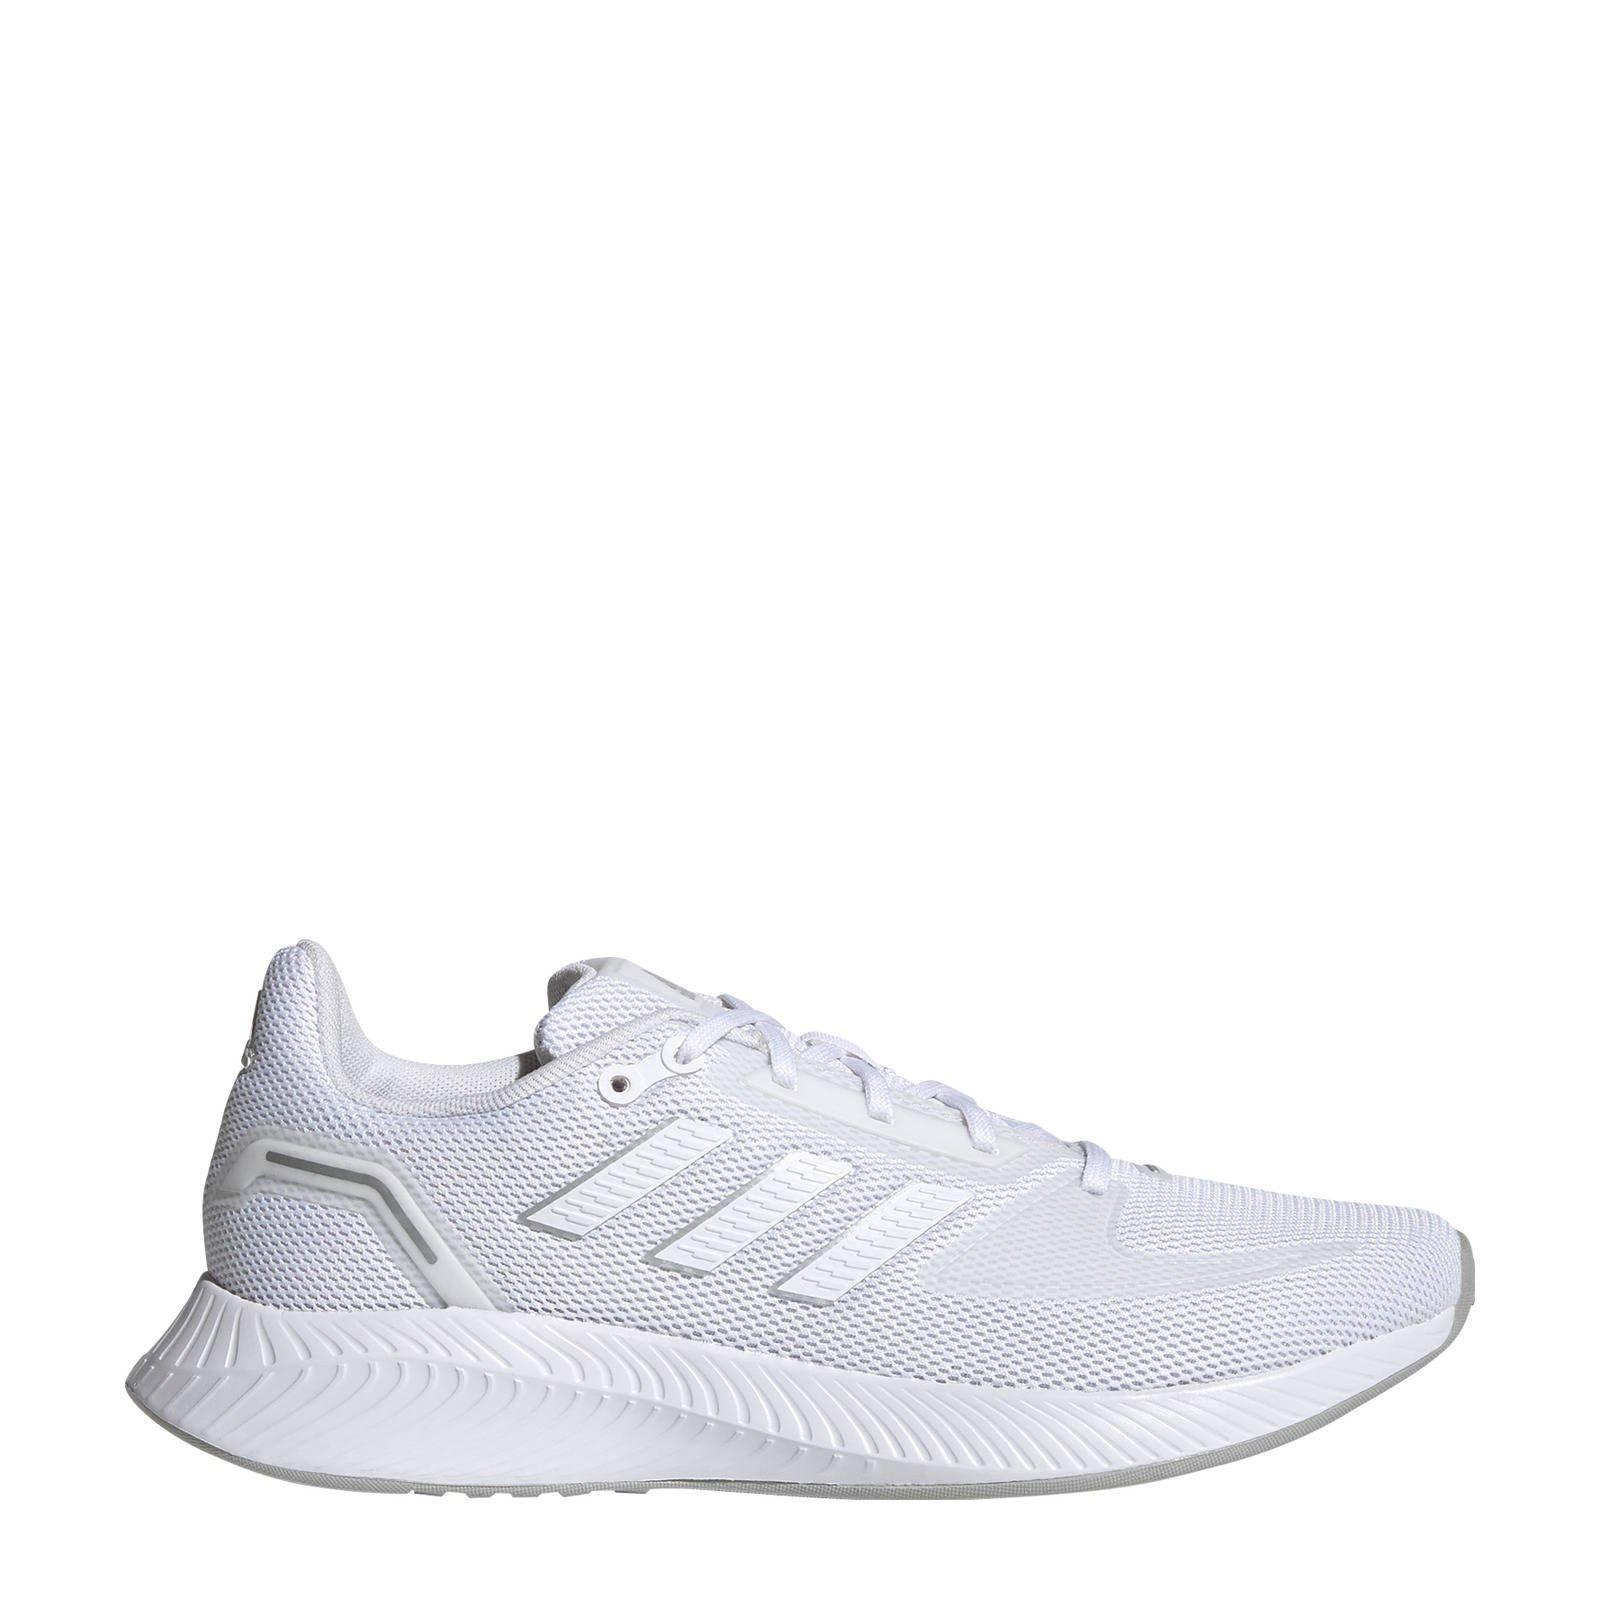 Adidas Performance Runfalcon 2.0 hardloopschoenen wit/zilver online kopen